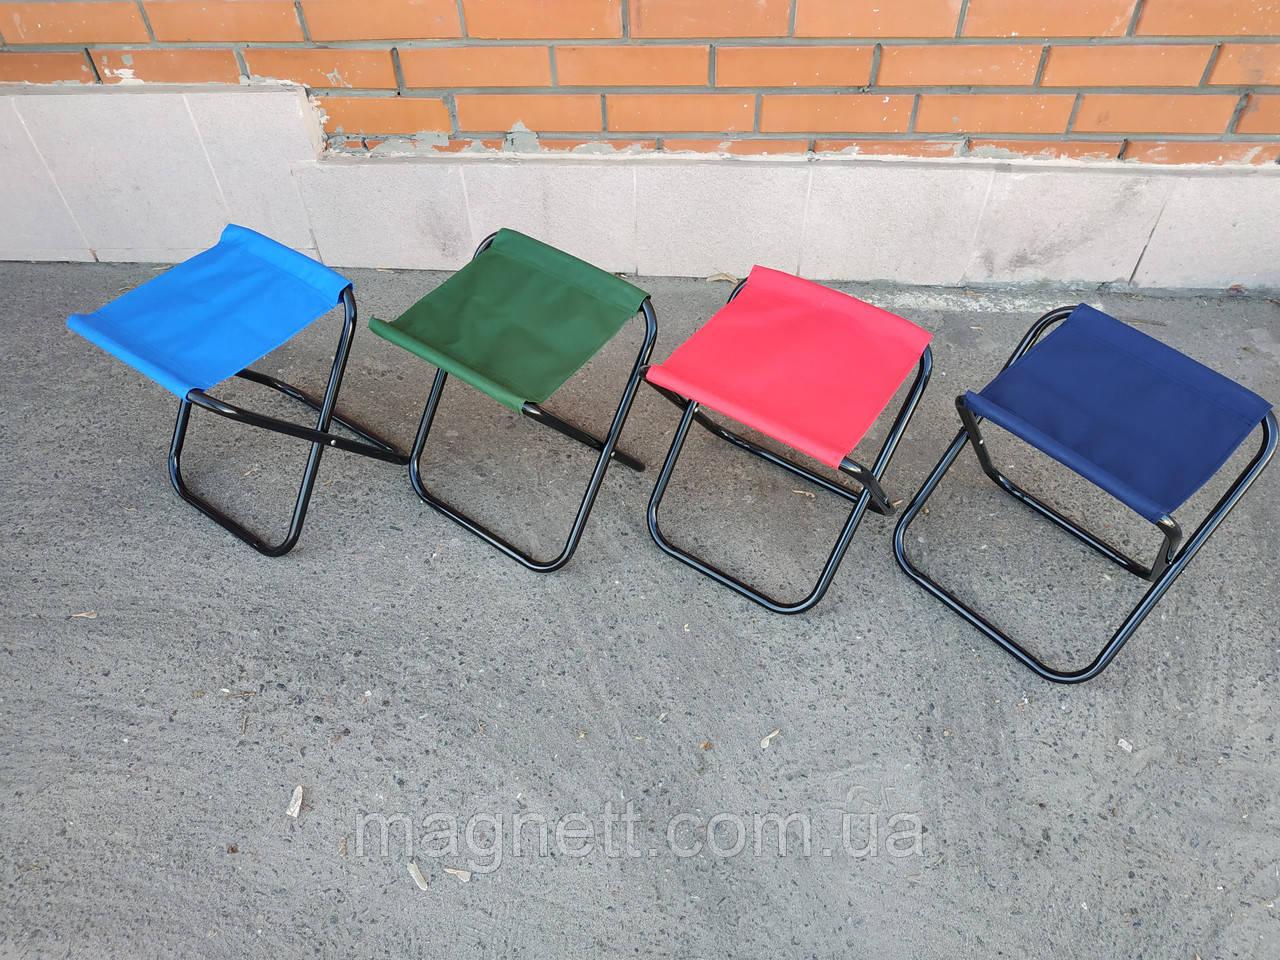 Табурет складной Пикник (синий,красный,зеленый,голубой)